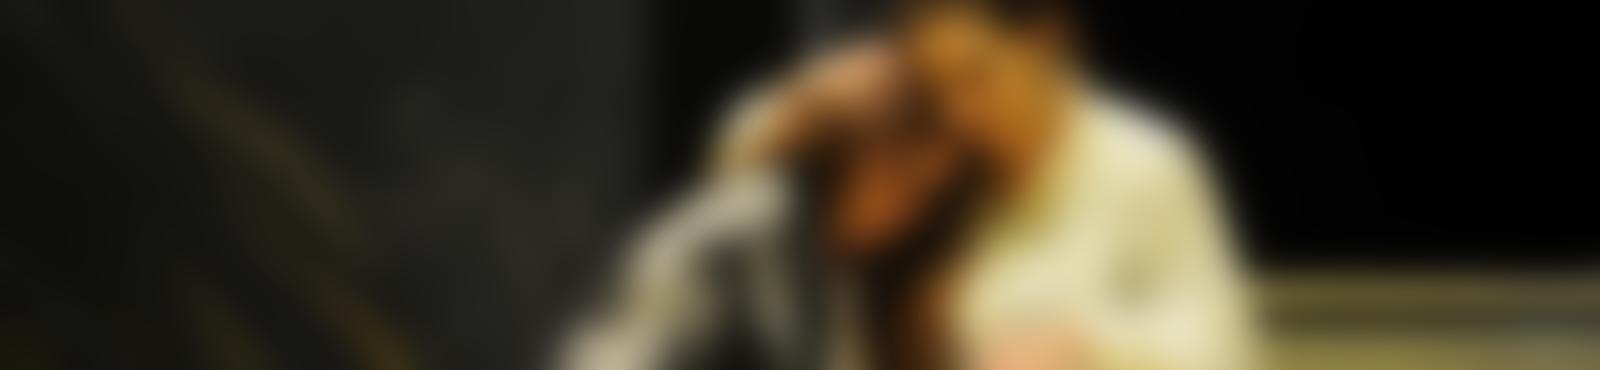 Blurred 65bd62c2 0d4d 42d9 b7ca 7435c9969f82